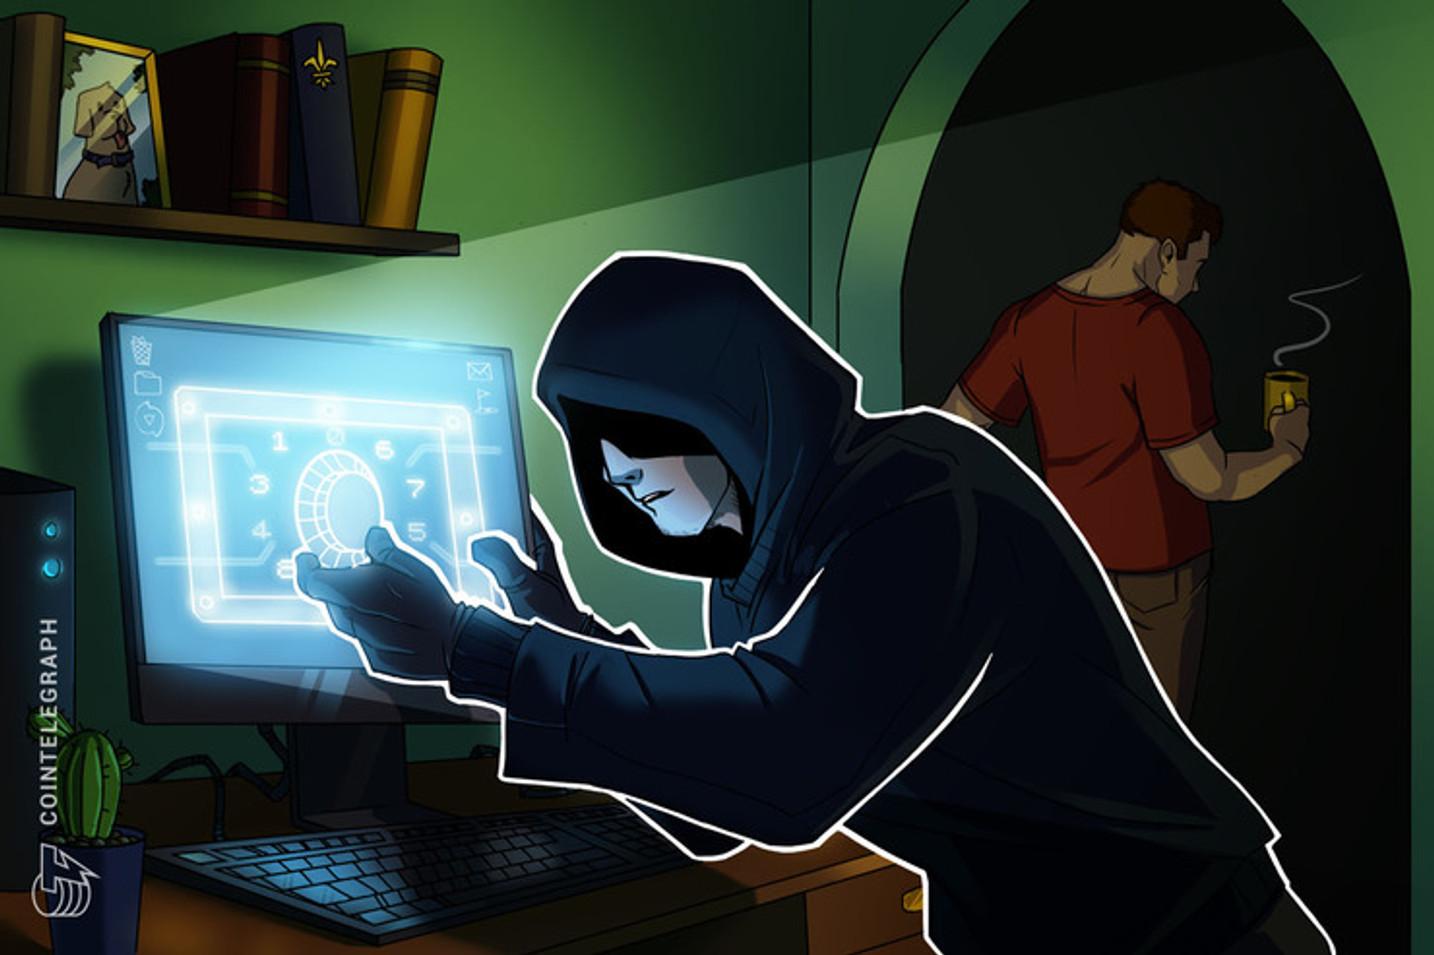 Ciberdelincuentes cobran 20 mil euros en Bitcoin para no difundir video sexual a entrenador de club de fútbol en España